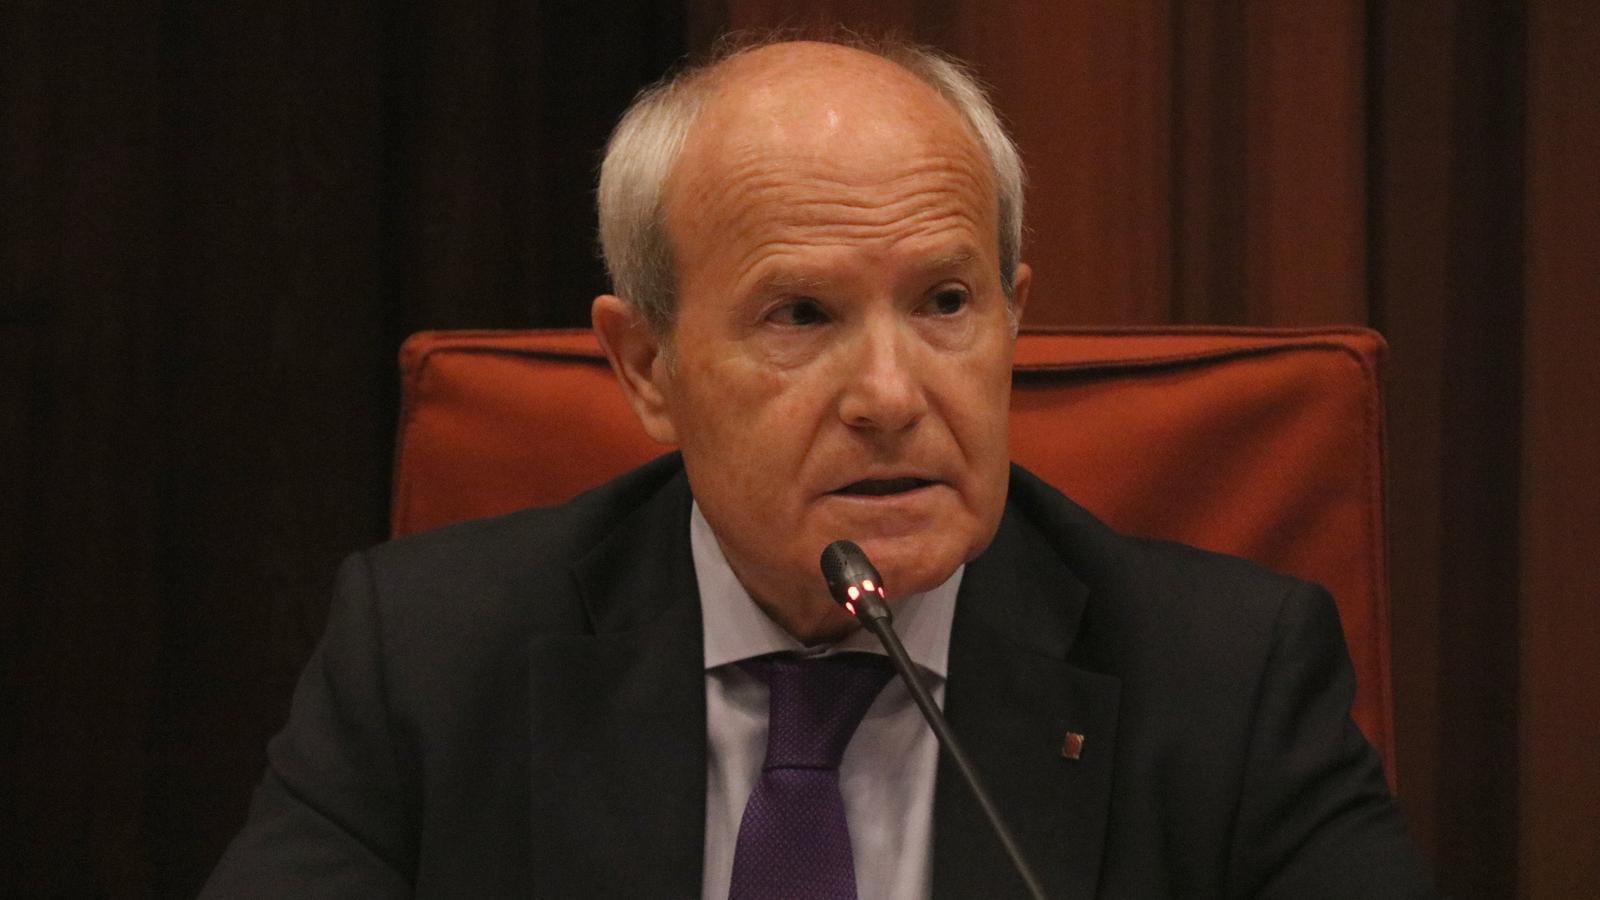 EN DIRECTE: L'expresident de la Generalitat José Montilla compareix a la comissió d'Afers Institucionals del Parlament per informar sobre la seva incorporació al consell d'administració d'Enagás